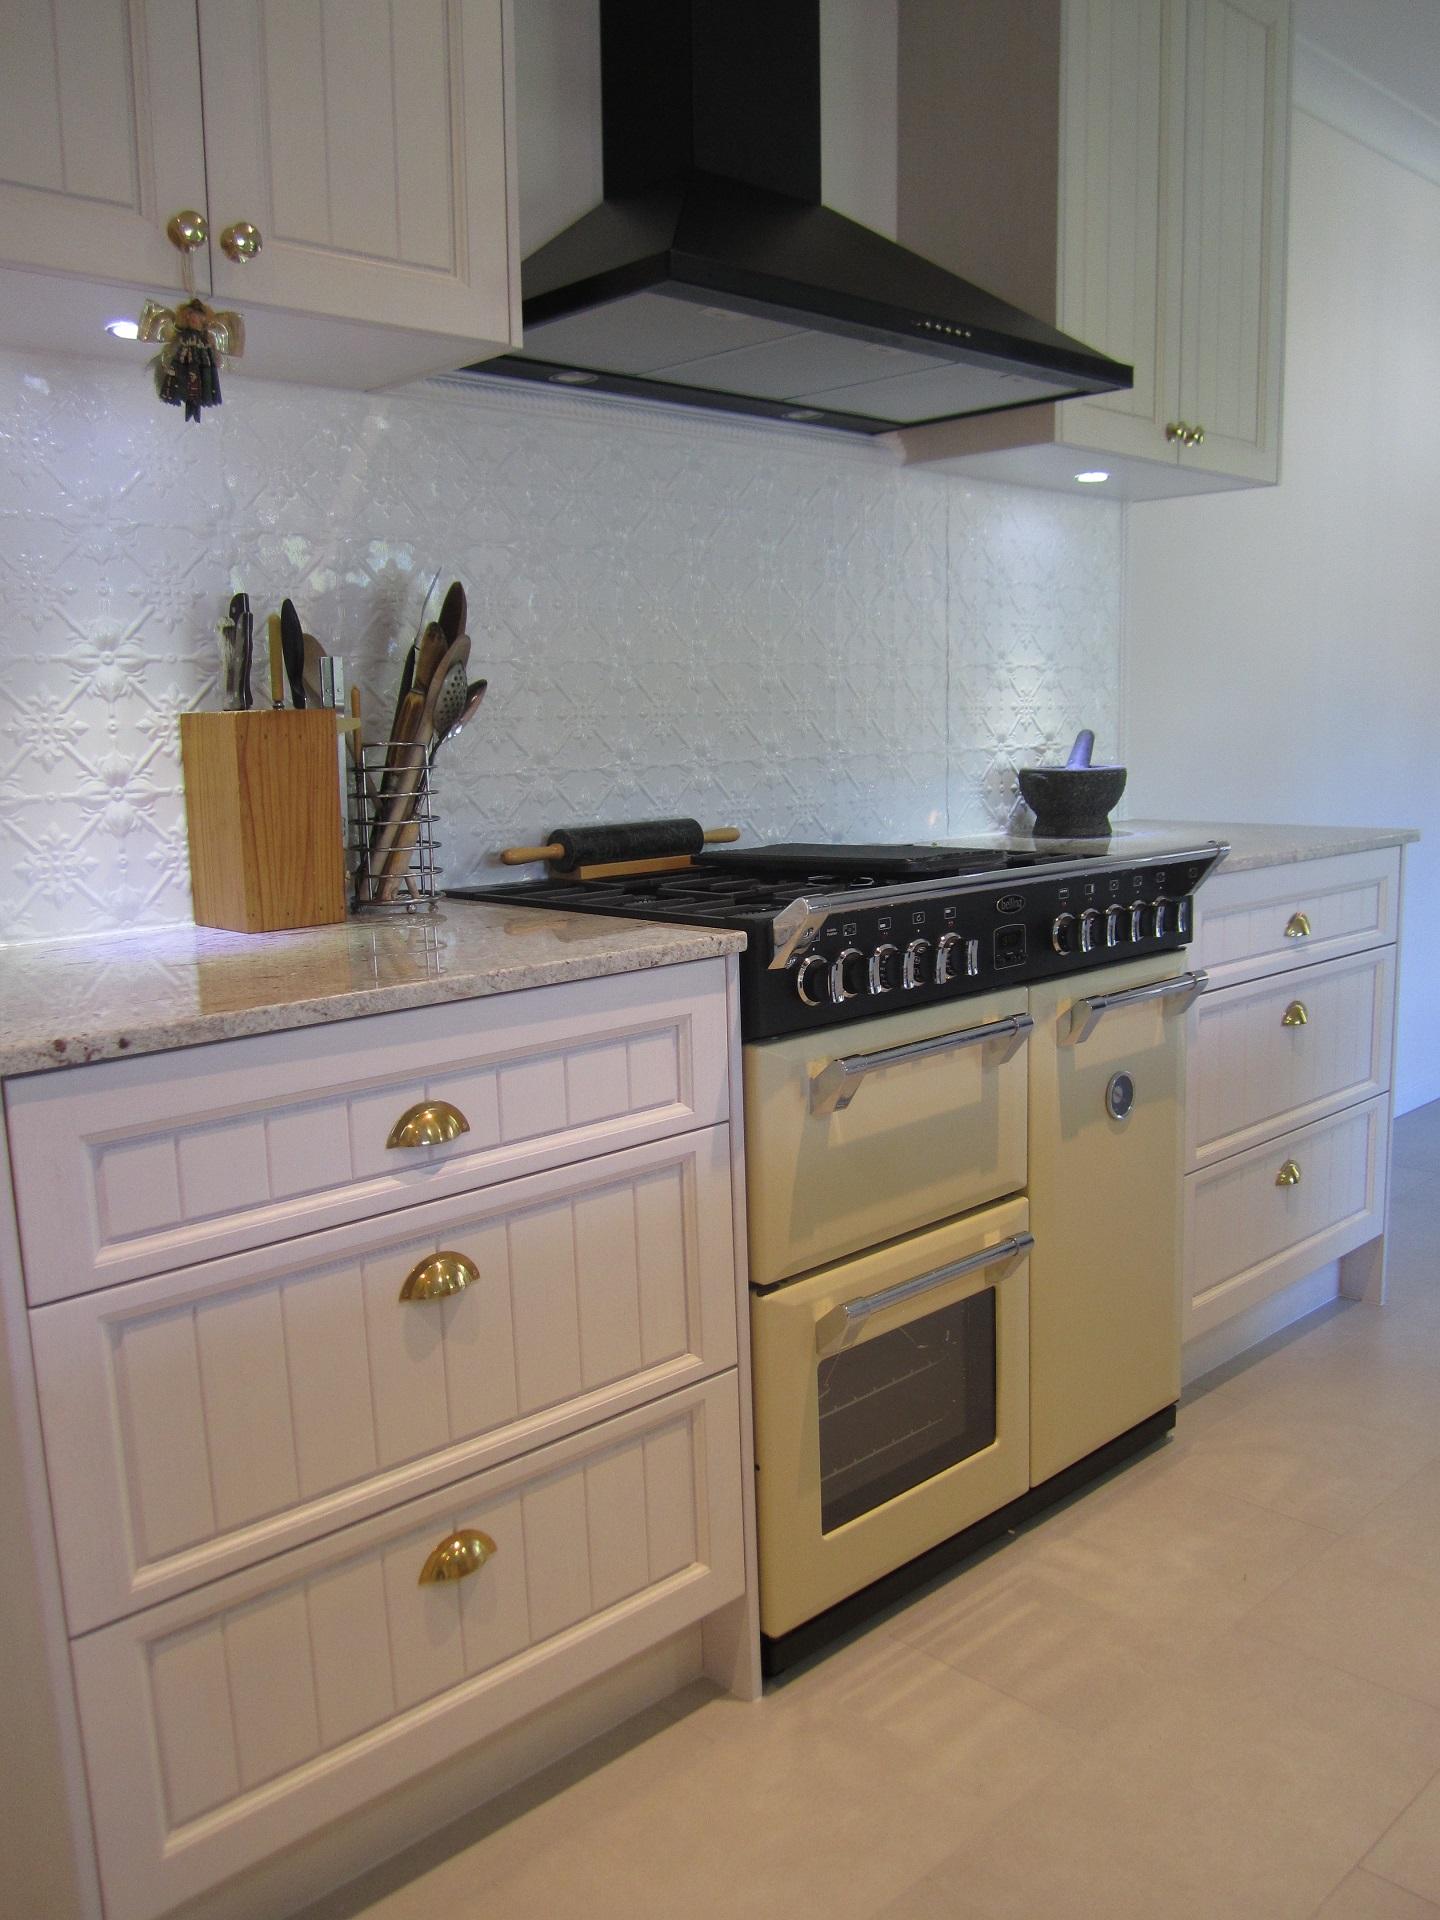 brisbane-kitchen-design-brookfield-shaker-vj-traditional-kitchen-10